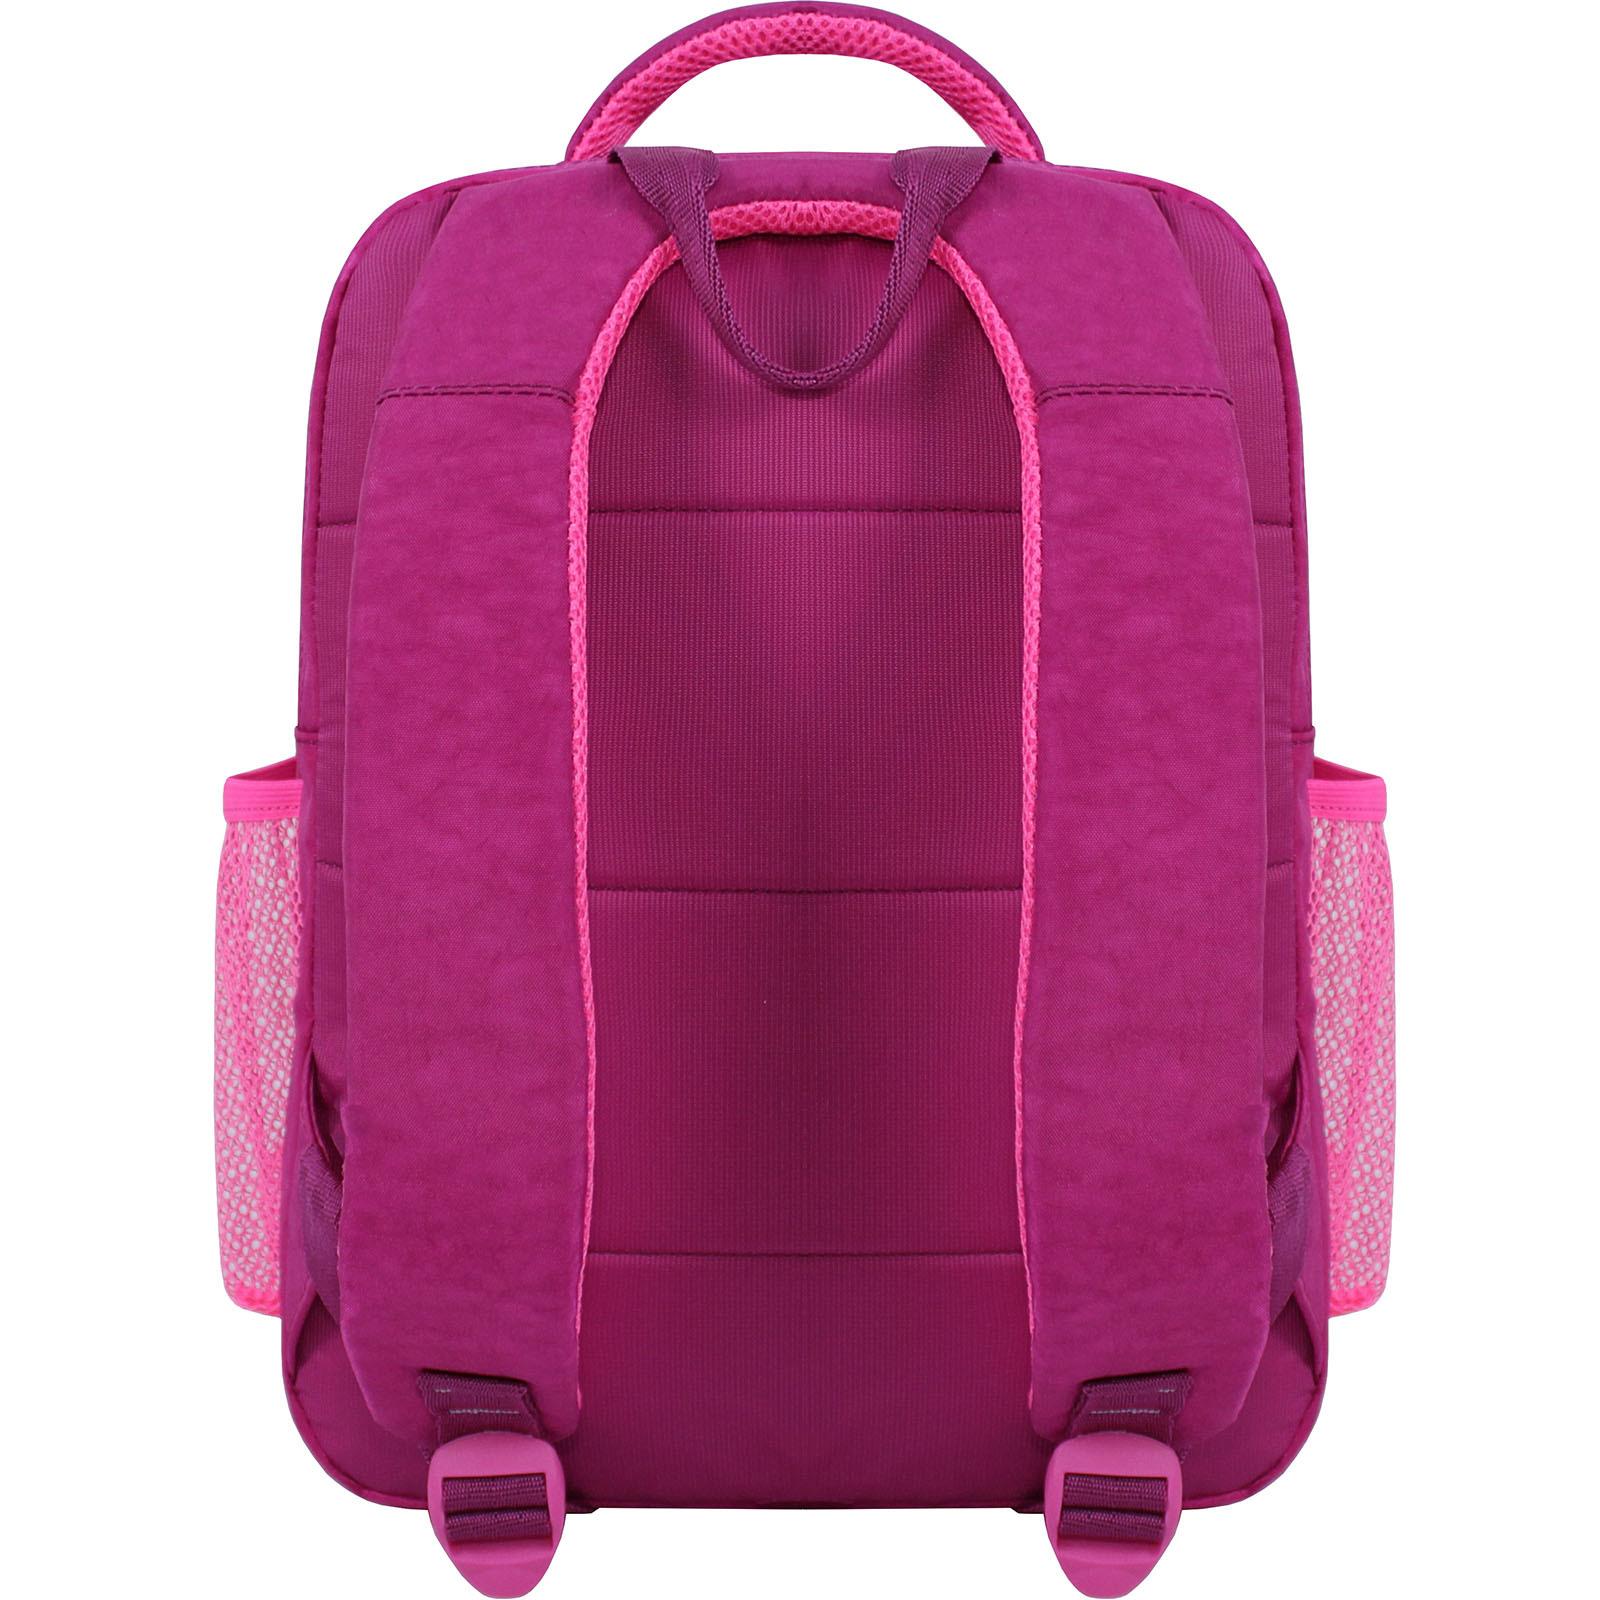 Рюкзак школьный Bagland Школьник 8 л. 143 малина 514 (00112702) фото 3